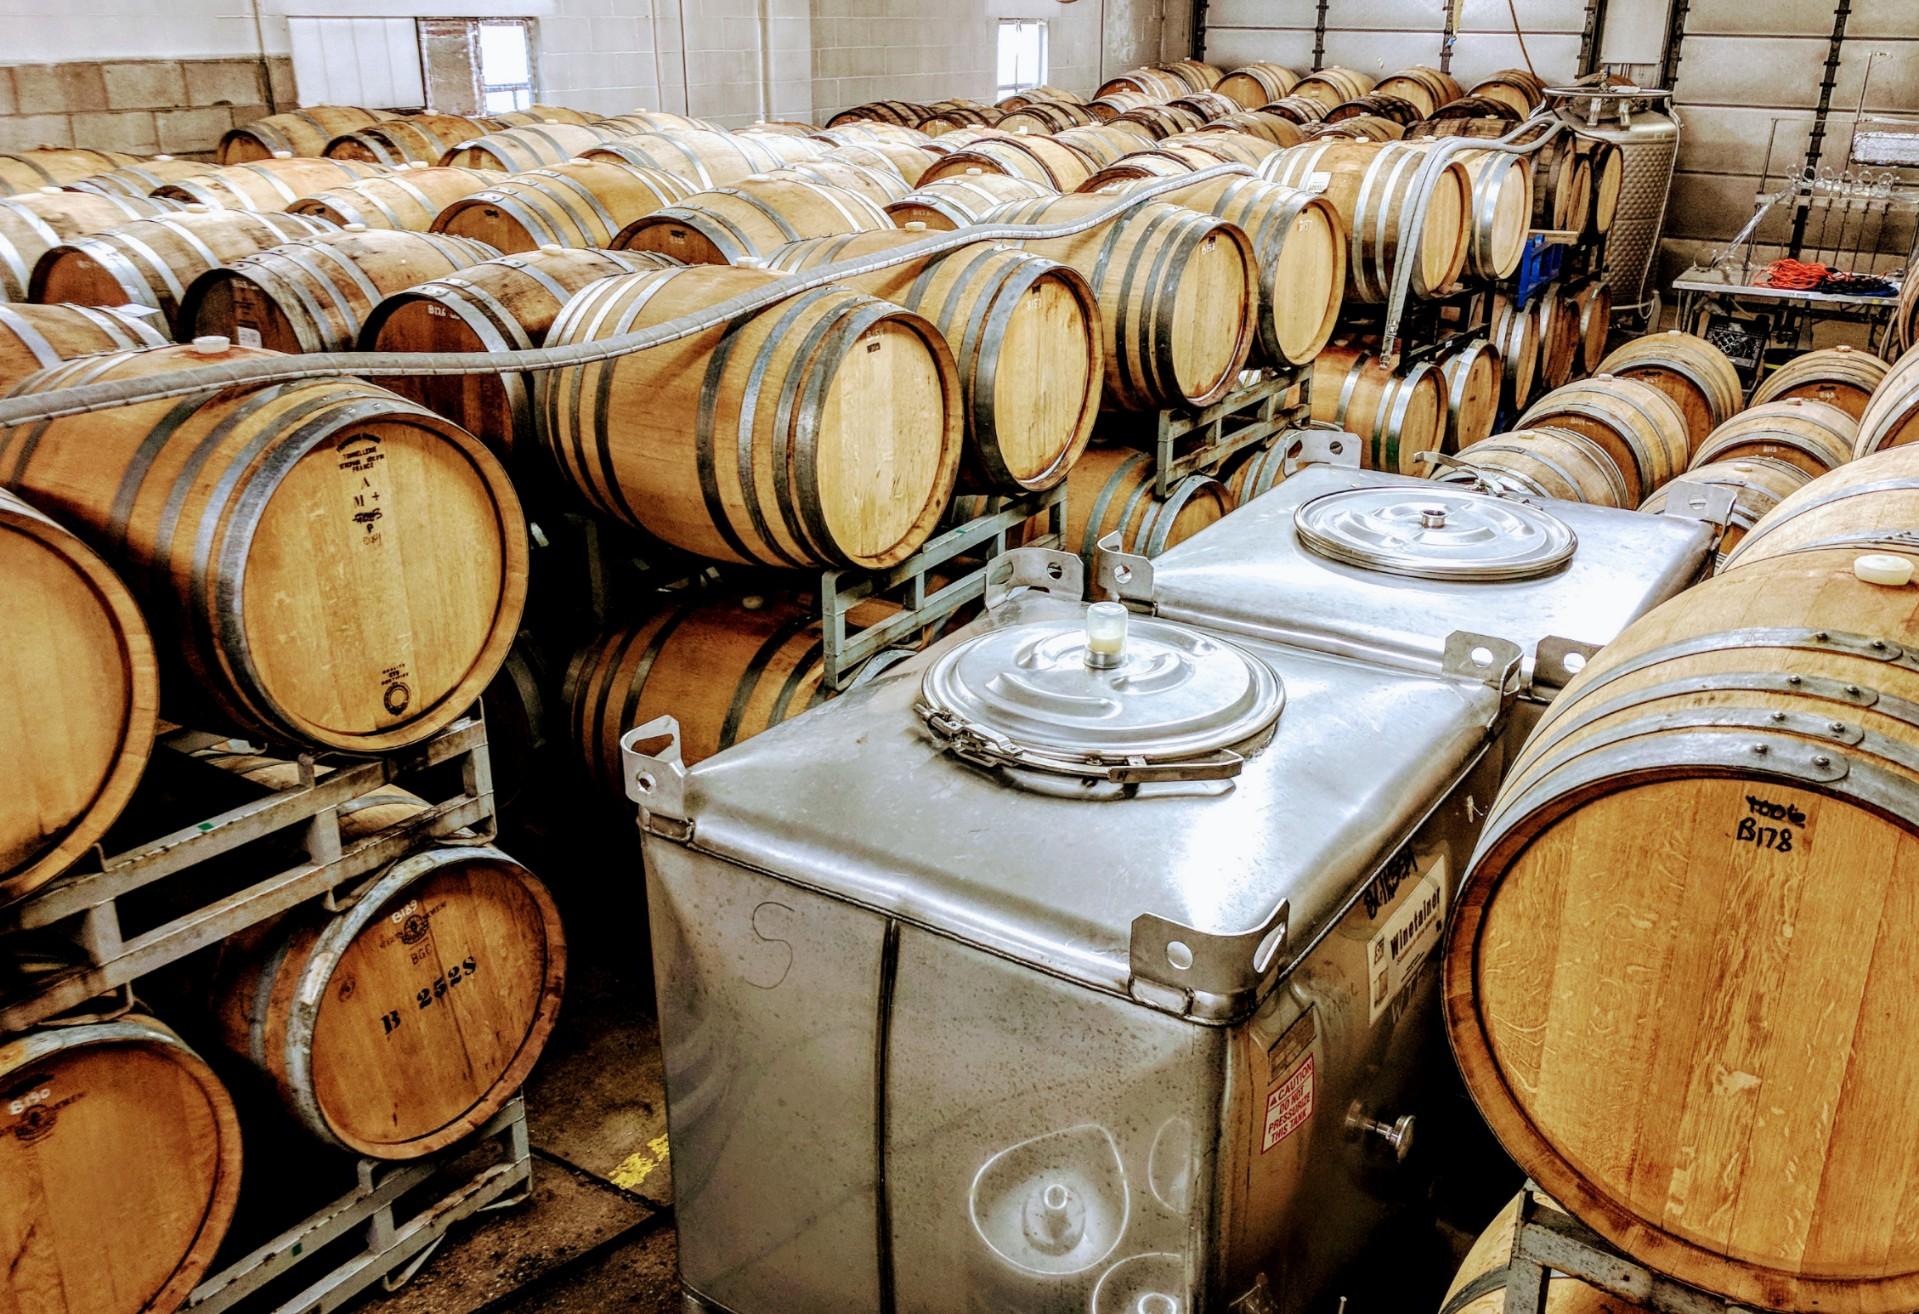 Taxman Brewing Barrel-Aging Program